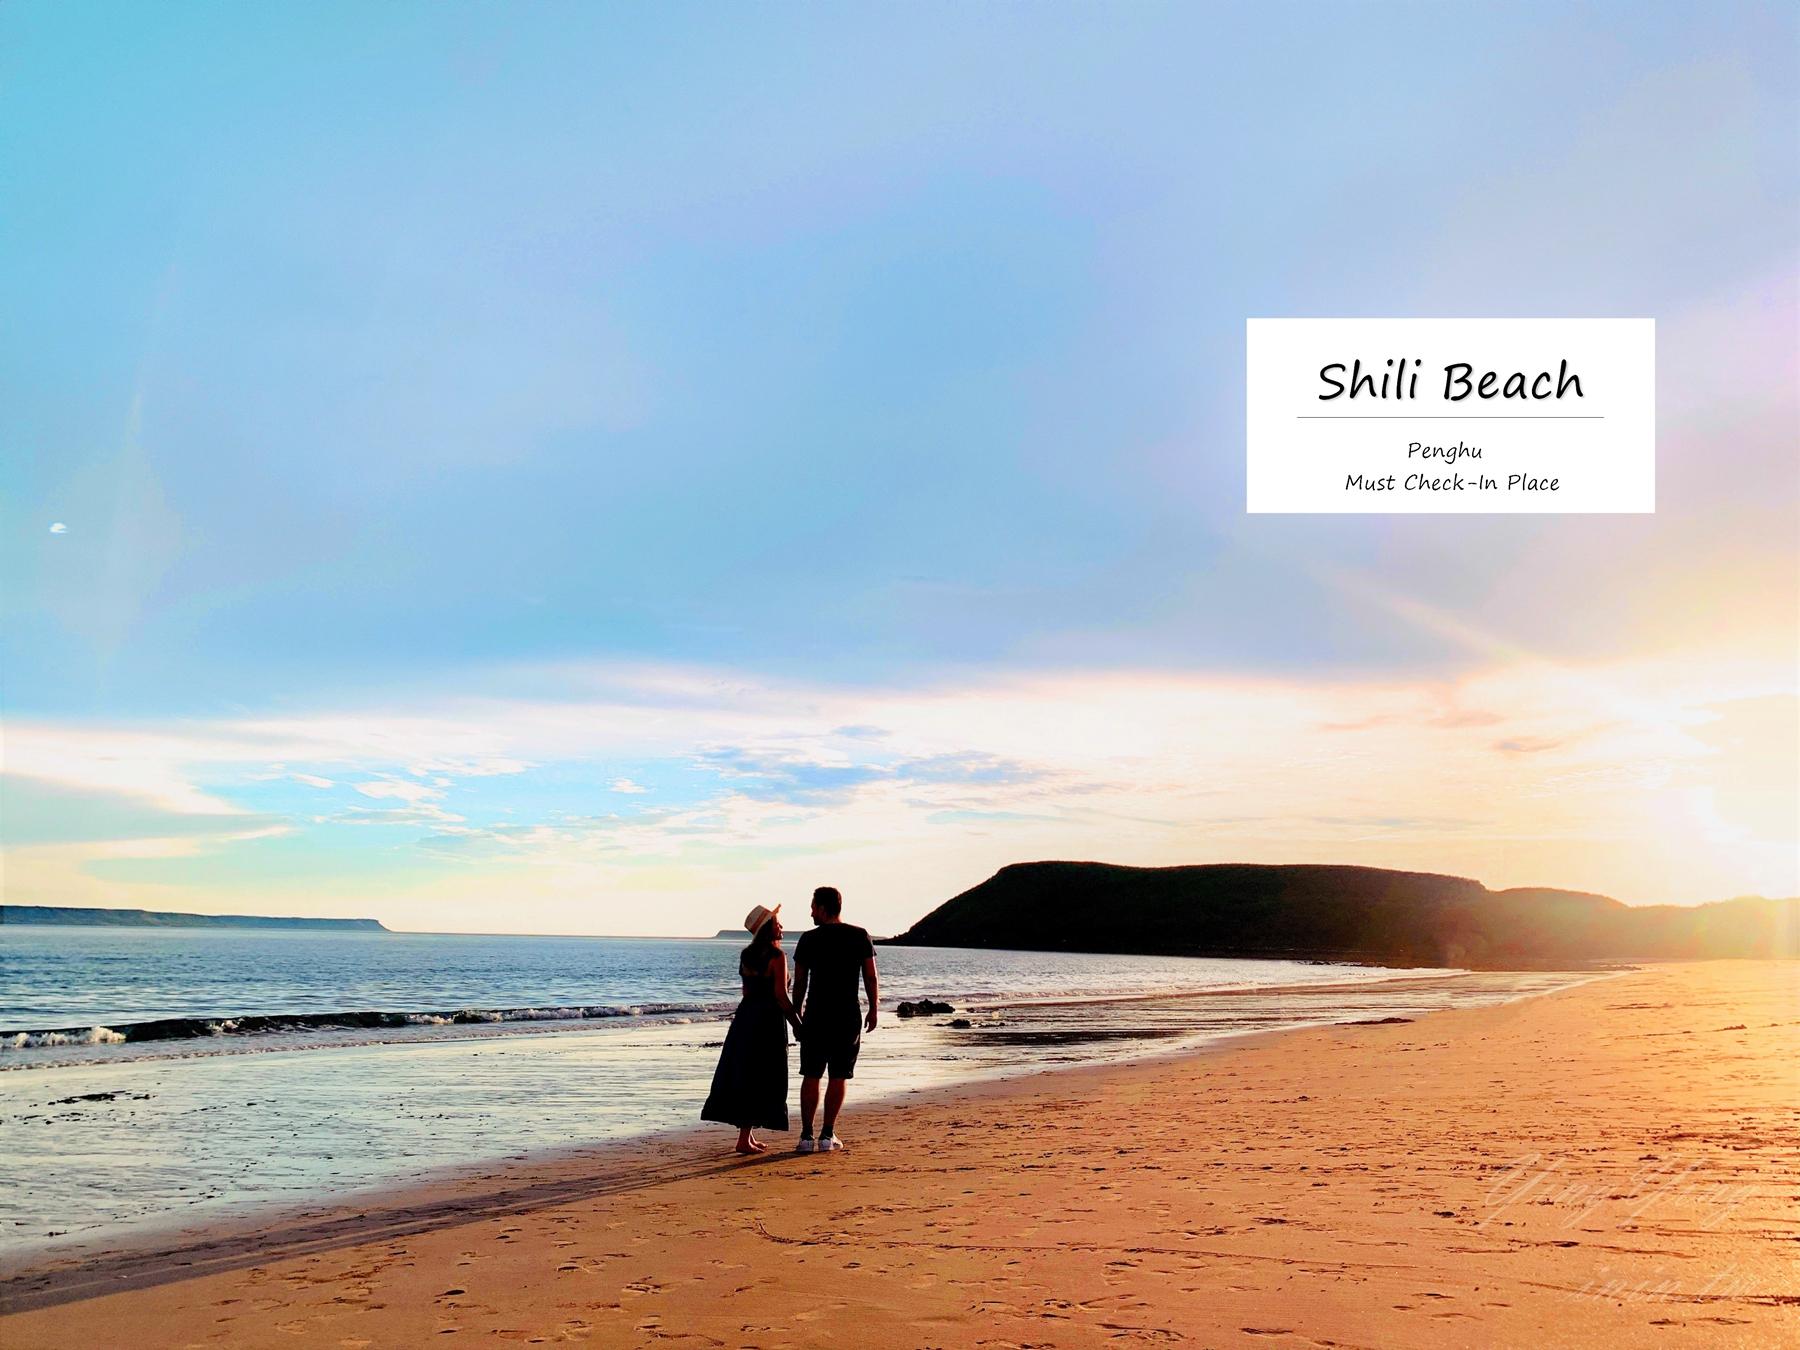 澎湖。馬公 | 蒔裡沙灘 沙最細最白的絕美海水浴場沙灘